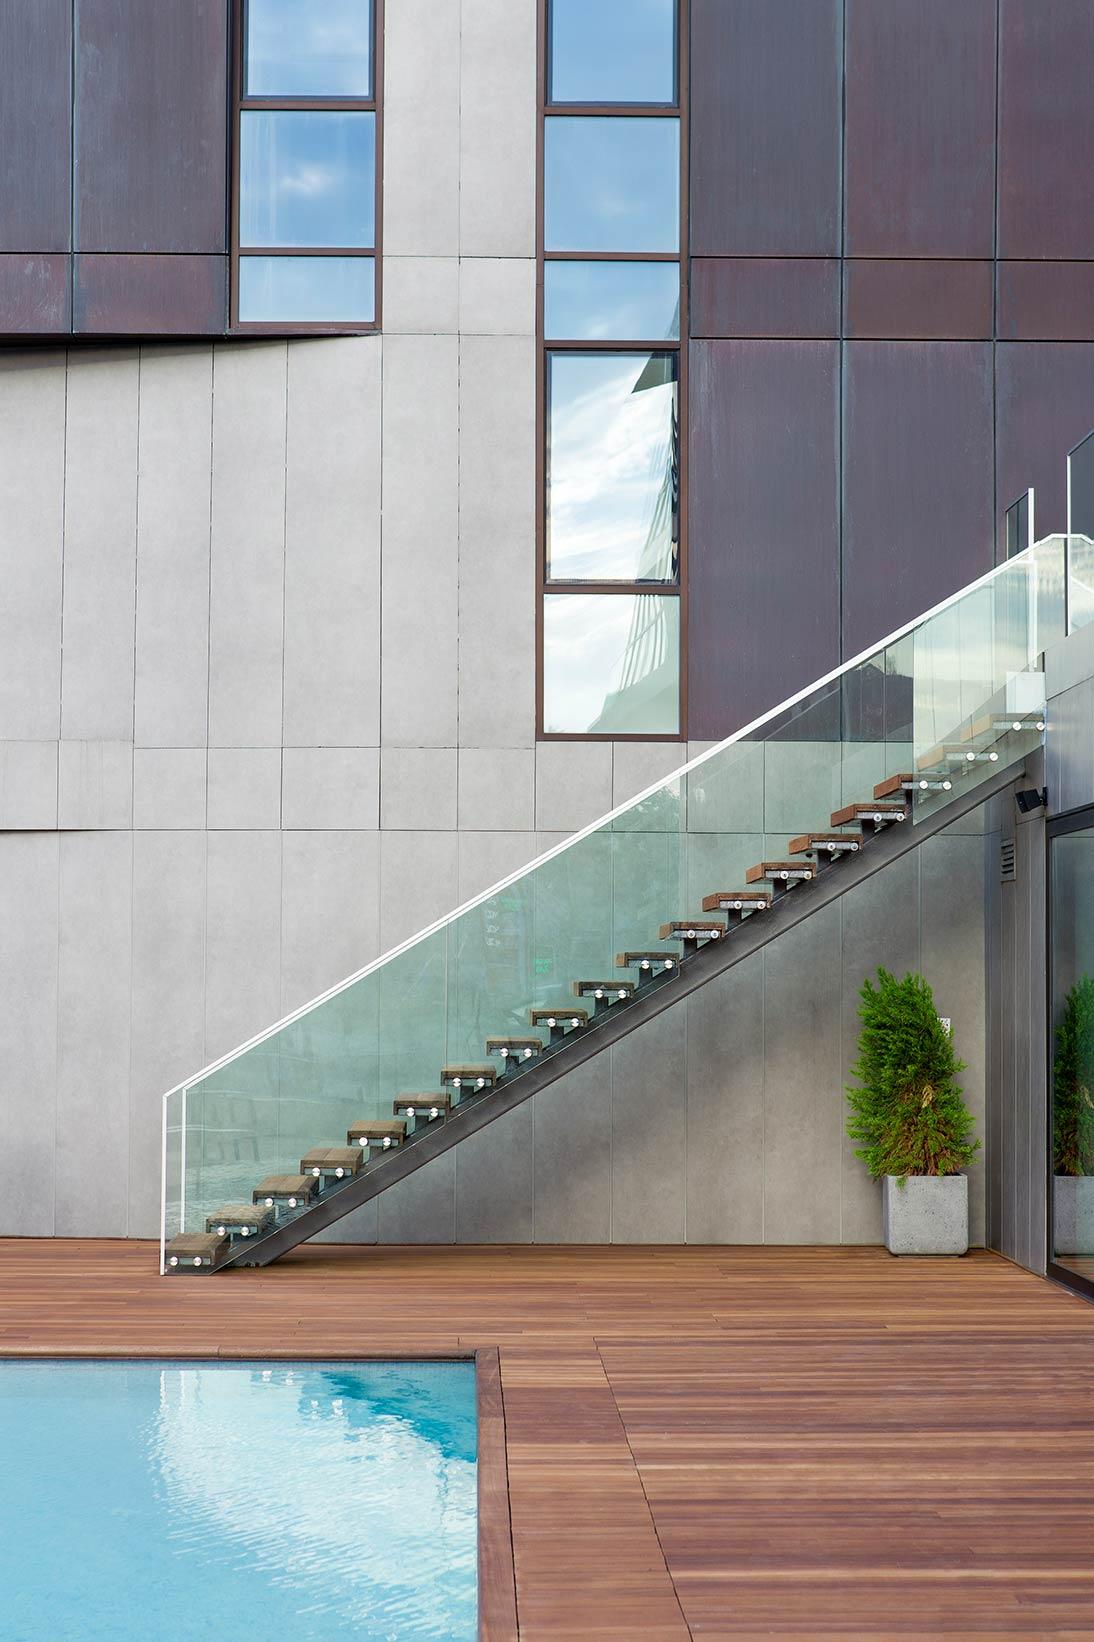 qent-istinye-porsche-design-project-luxury-28.jpg